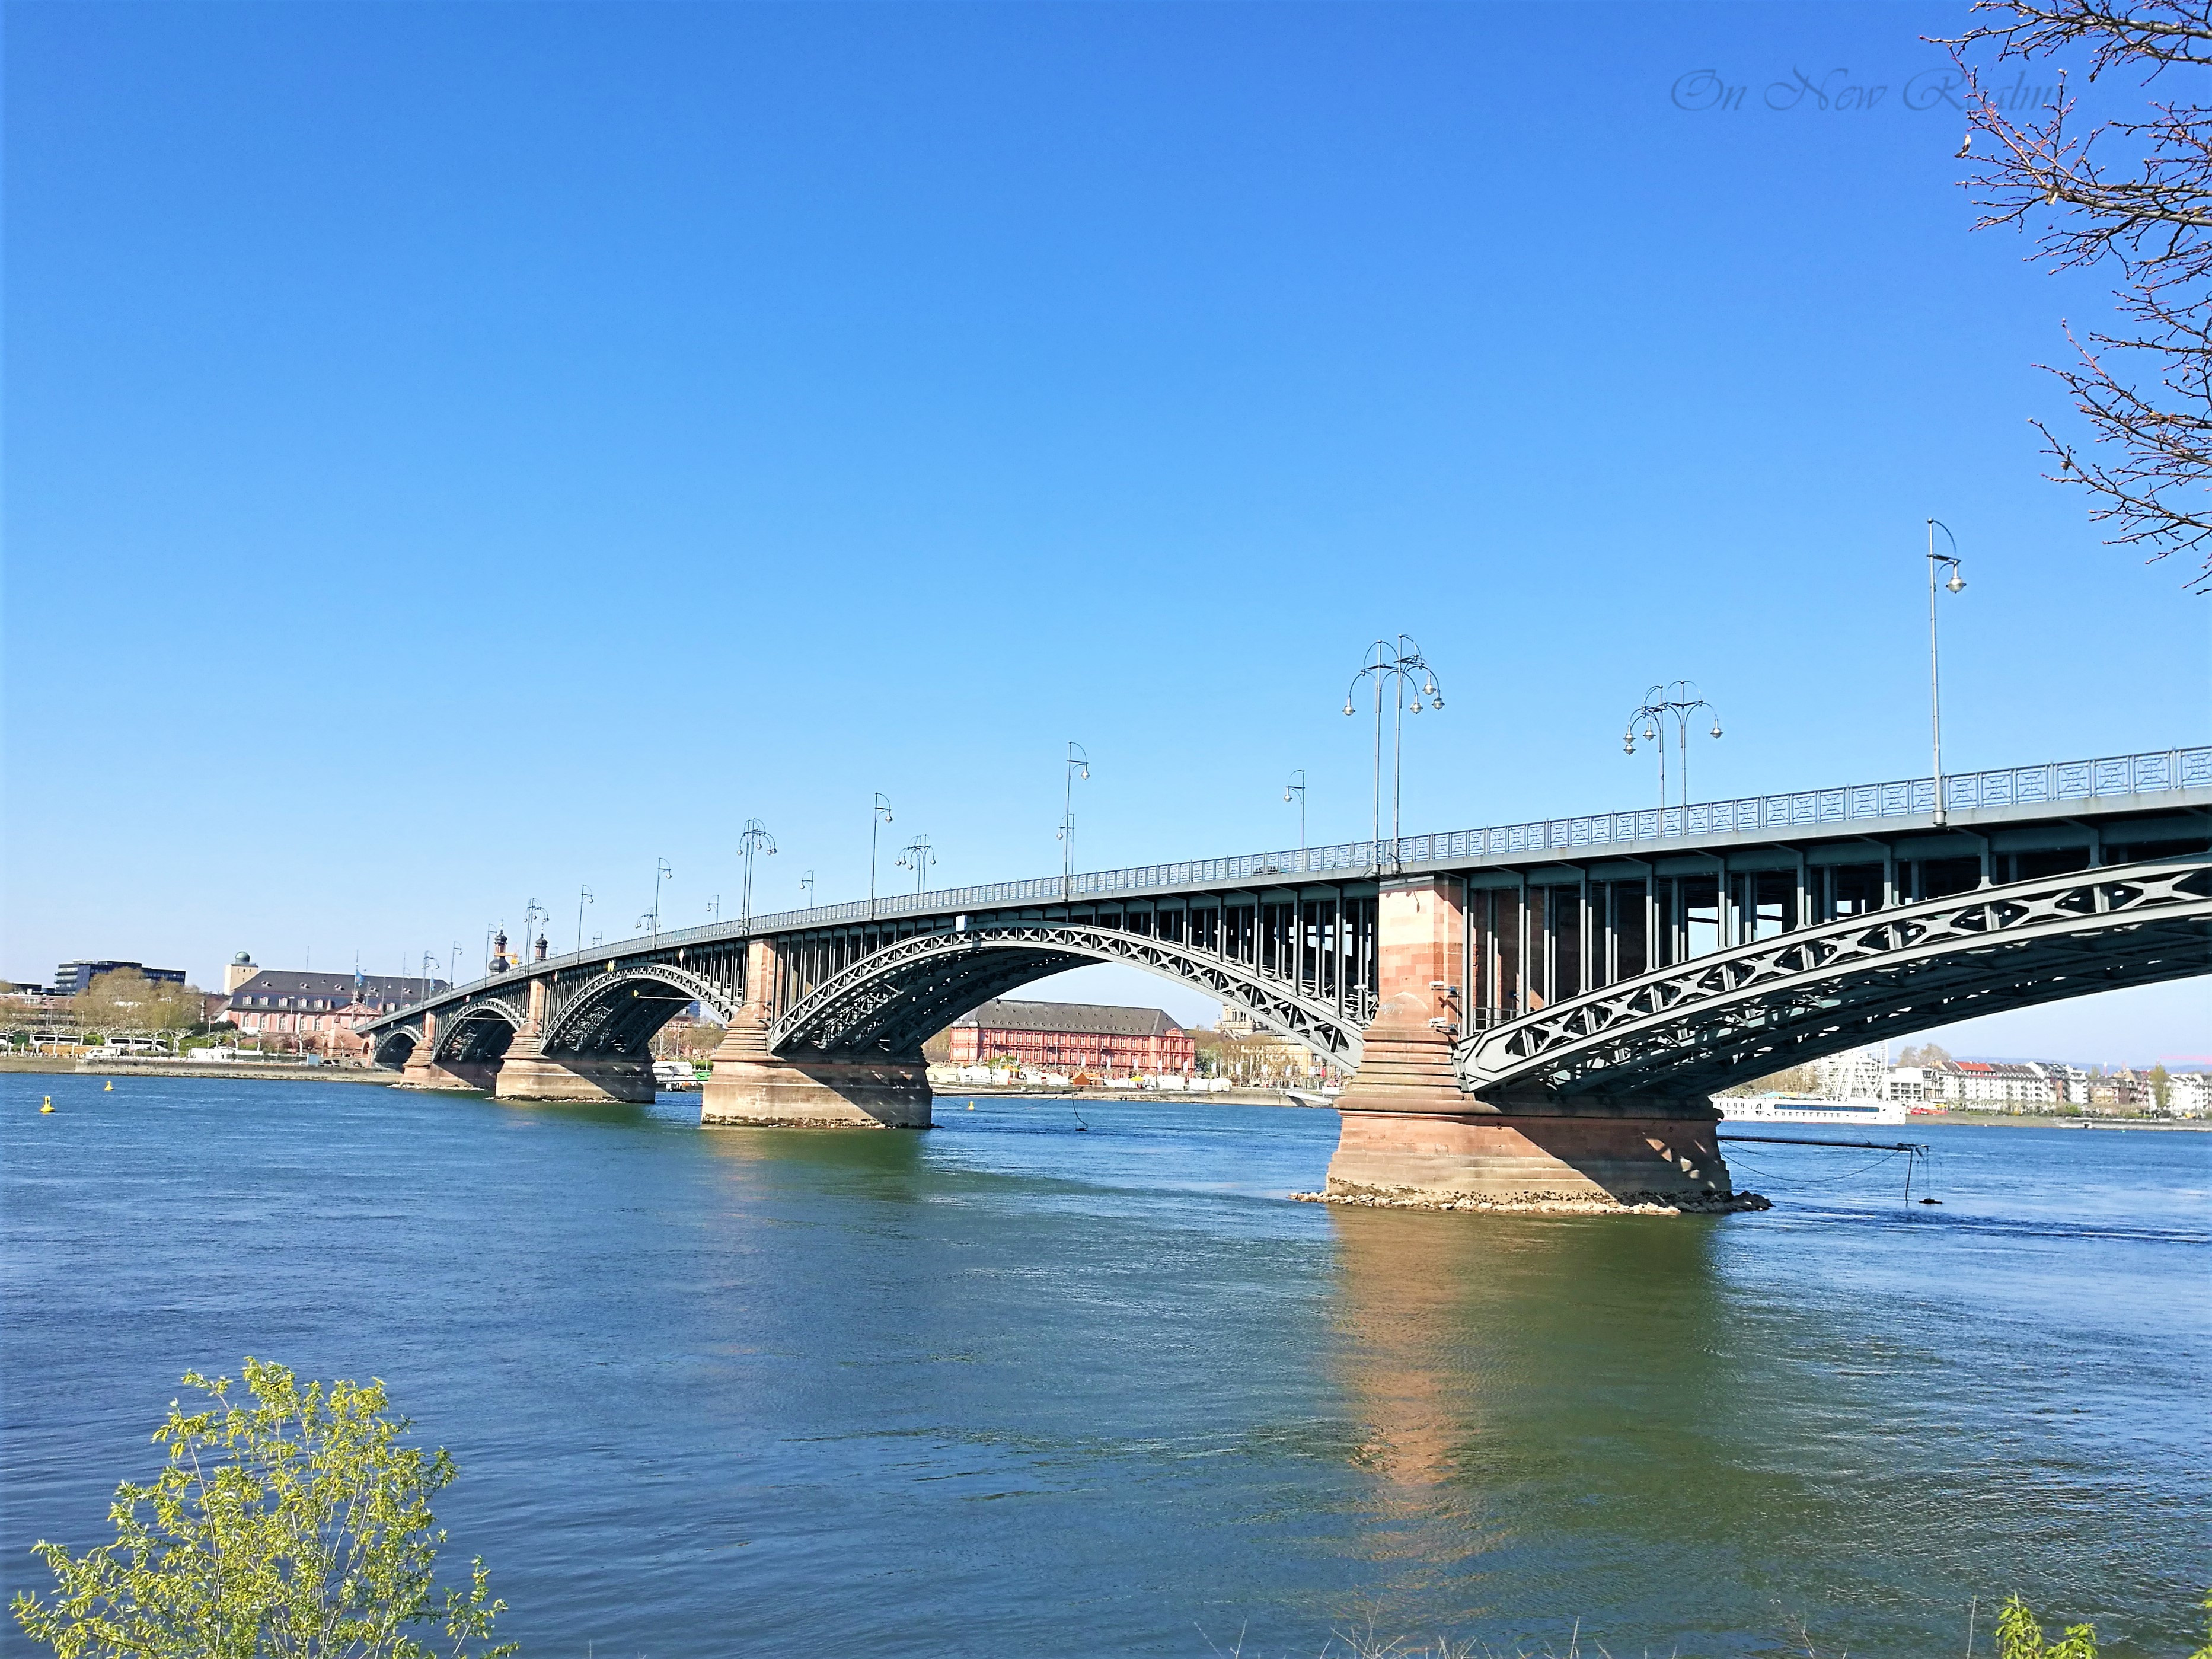 Rheinufer-Mainz-Germany-2